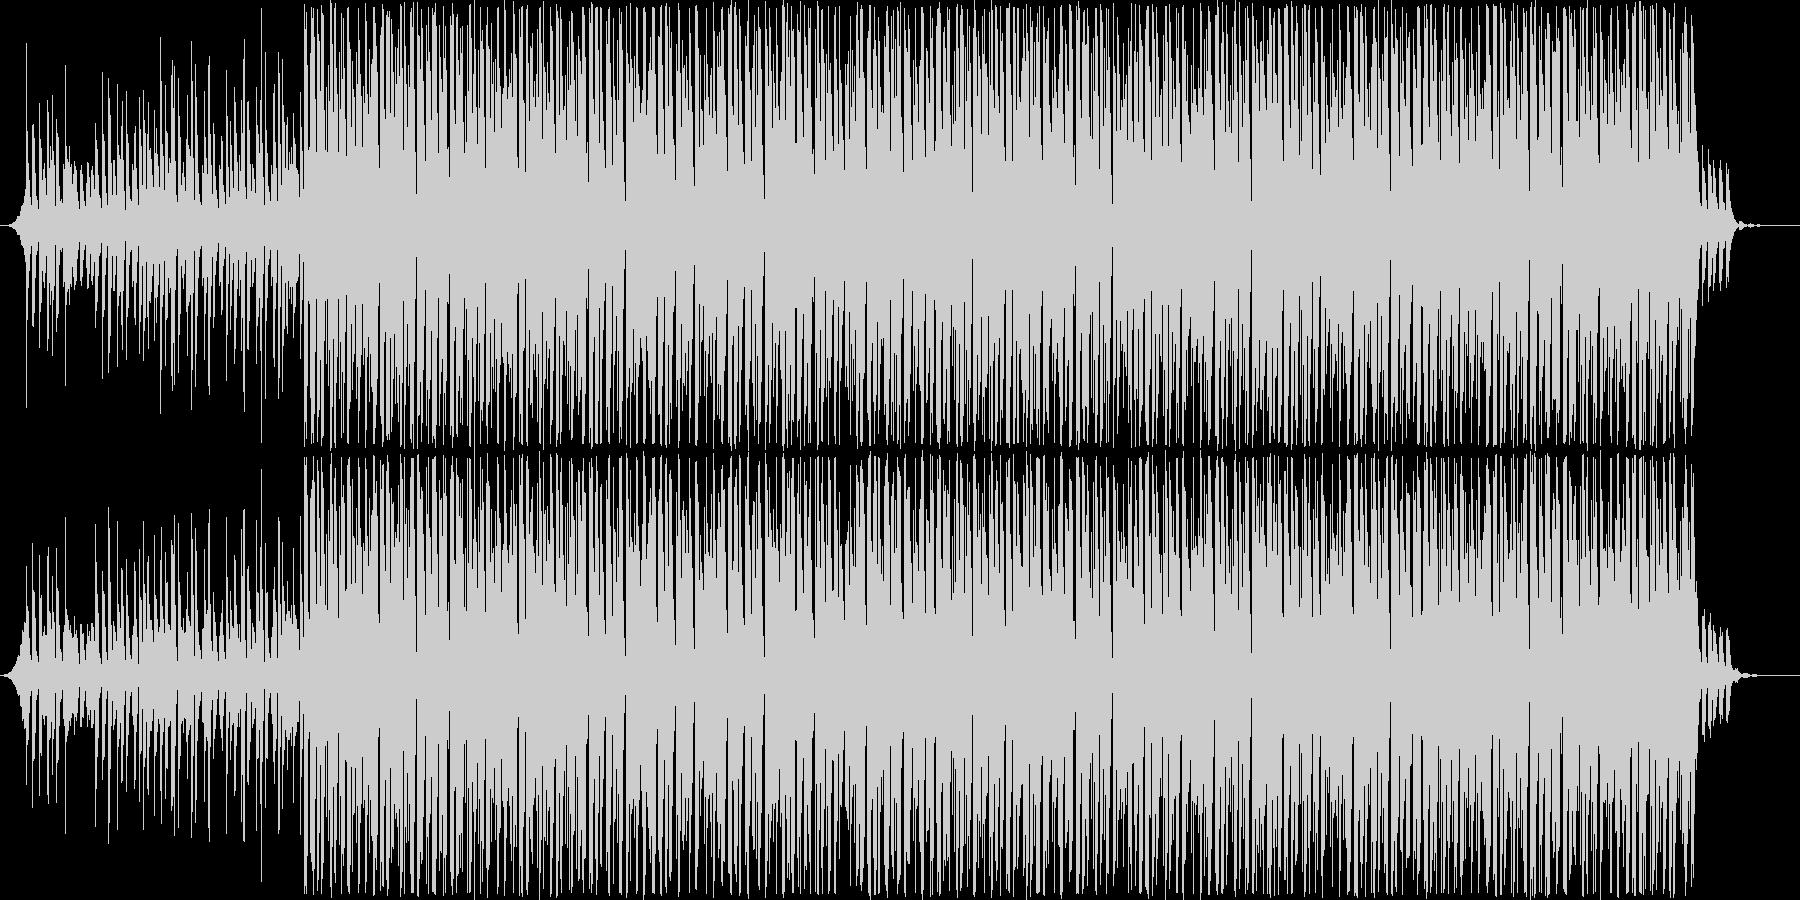 ノリの心地よいダンサブルなハウスの未再生の波形